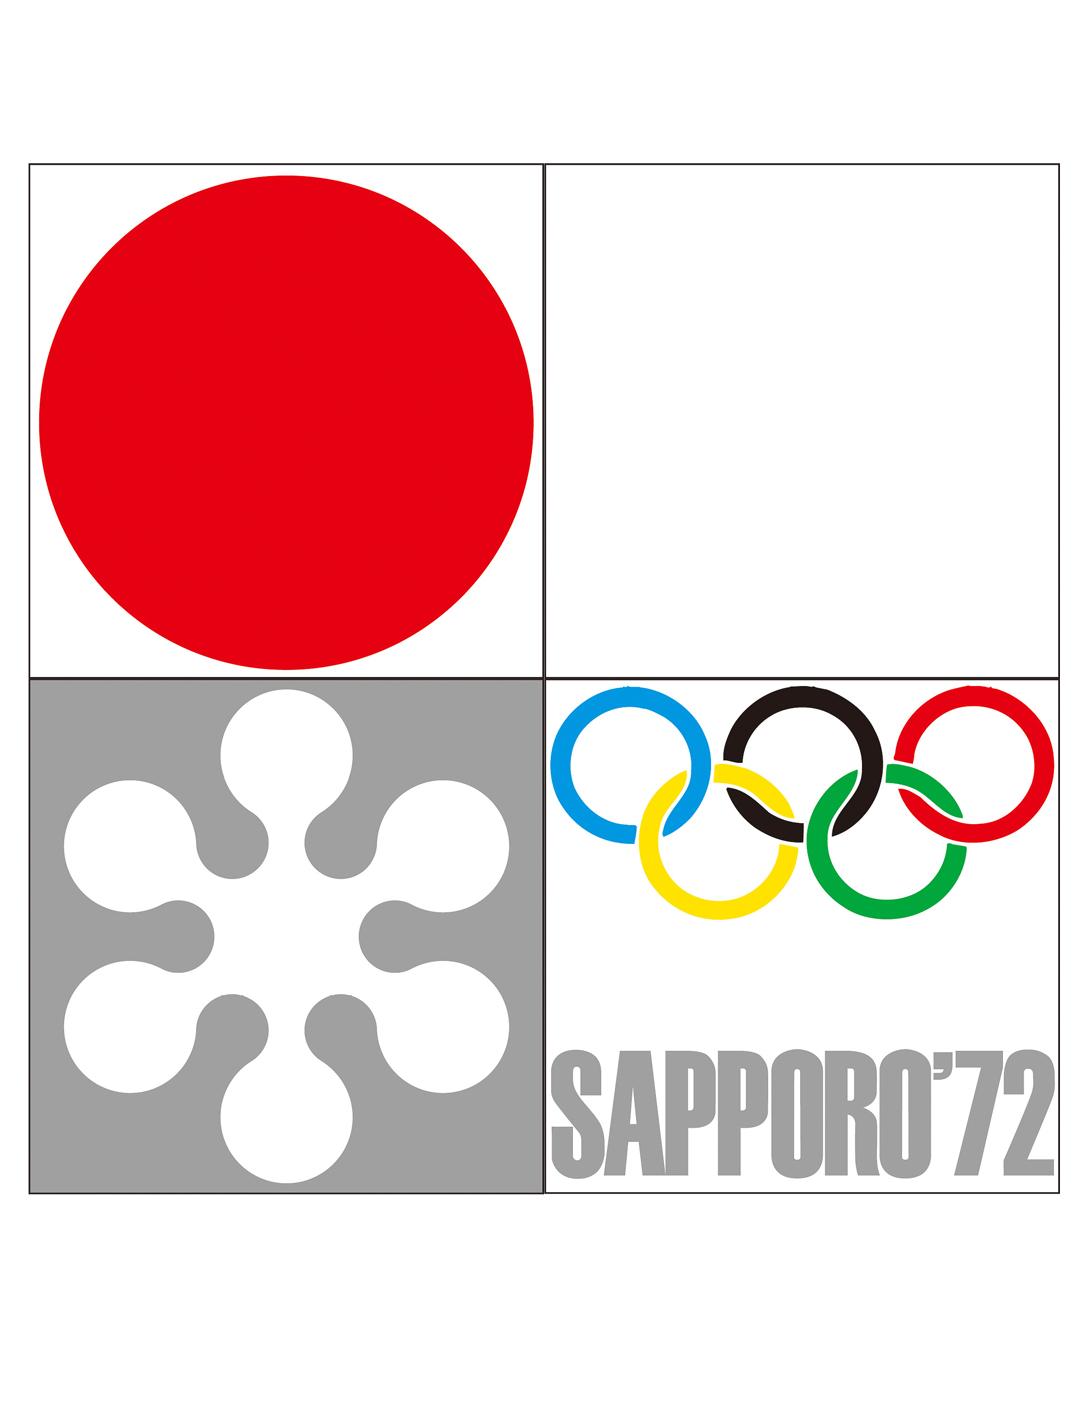 Sapporo Winter Oympics